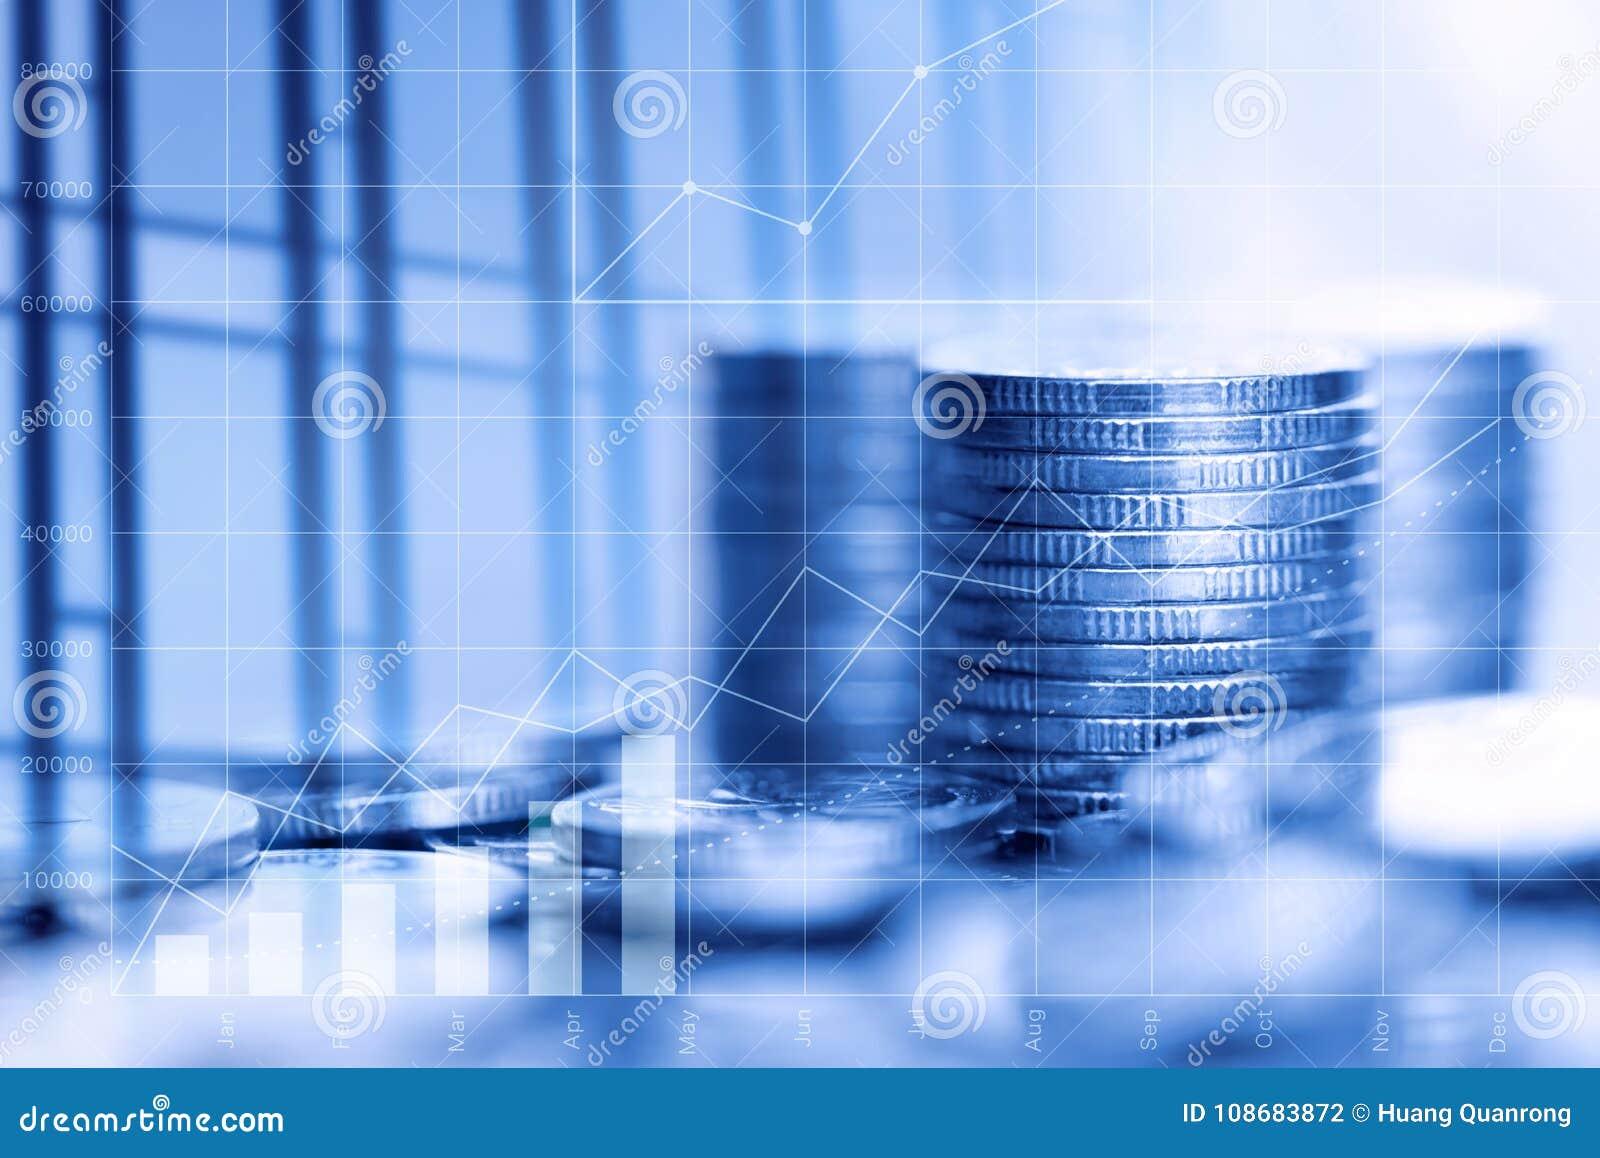 Ανταλλαγή χρηματιστηρίου και οικονομικά στοιχεία Οικονομικά διαγράμματα και συναλλαγές χρηματιστηρίου Χρηματιστήριο ή ανάλυση αγο